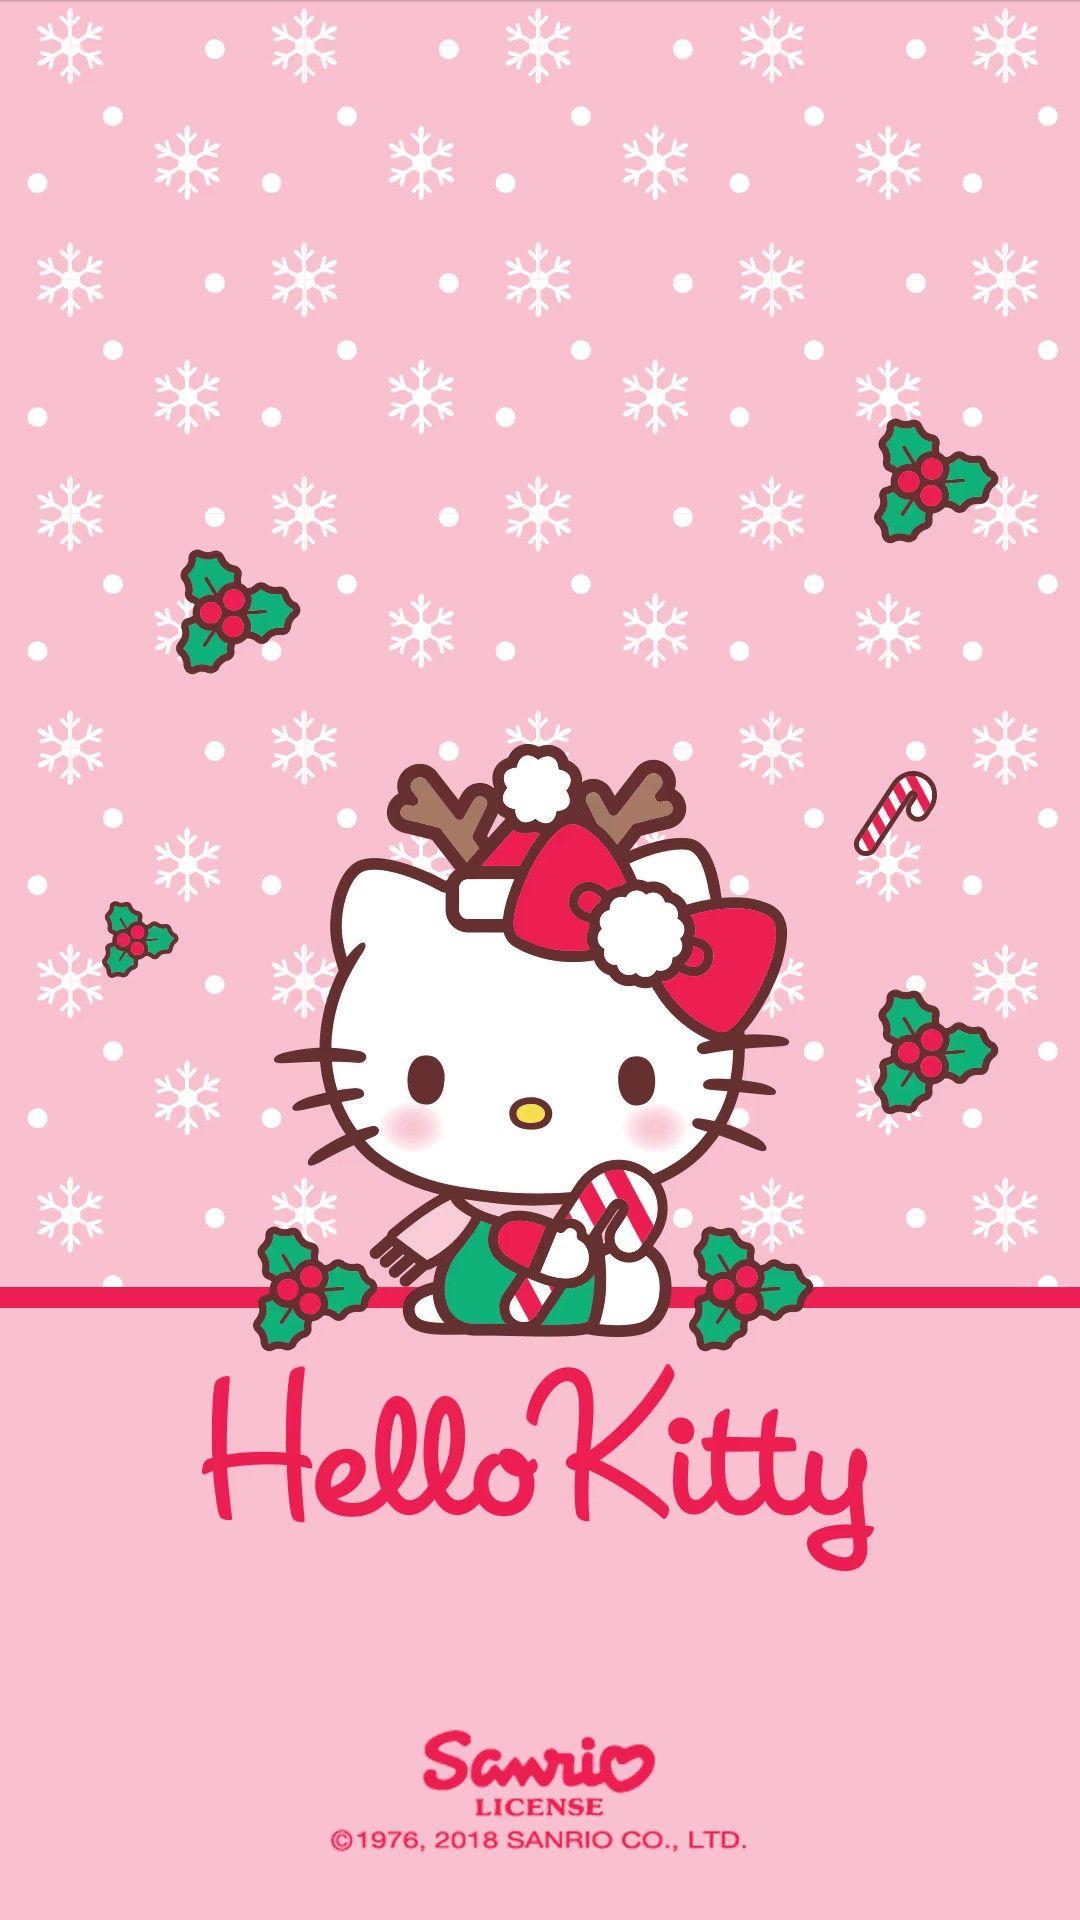 Pin By Yeda Carla Benante On Hello Kitty Hello Kitty Pictures Hello Kitty Art Hello Kitty